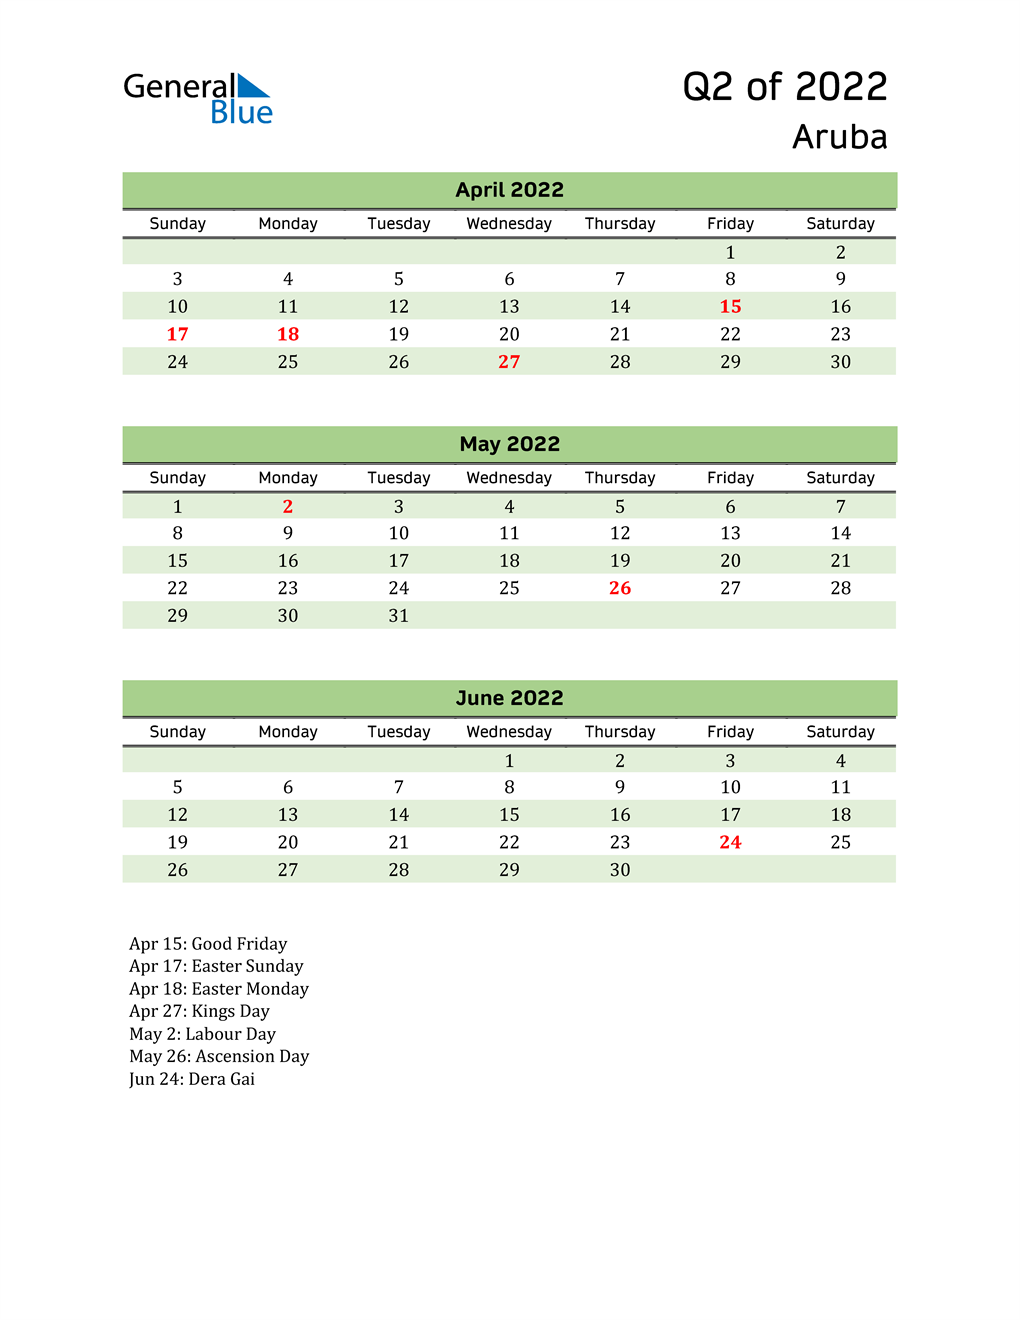 Quarterly Calendar 2022 with Aruba Holidays